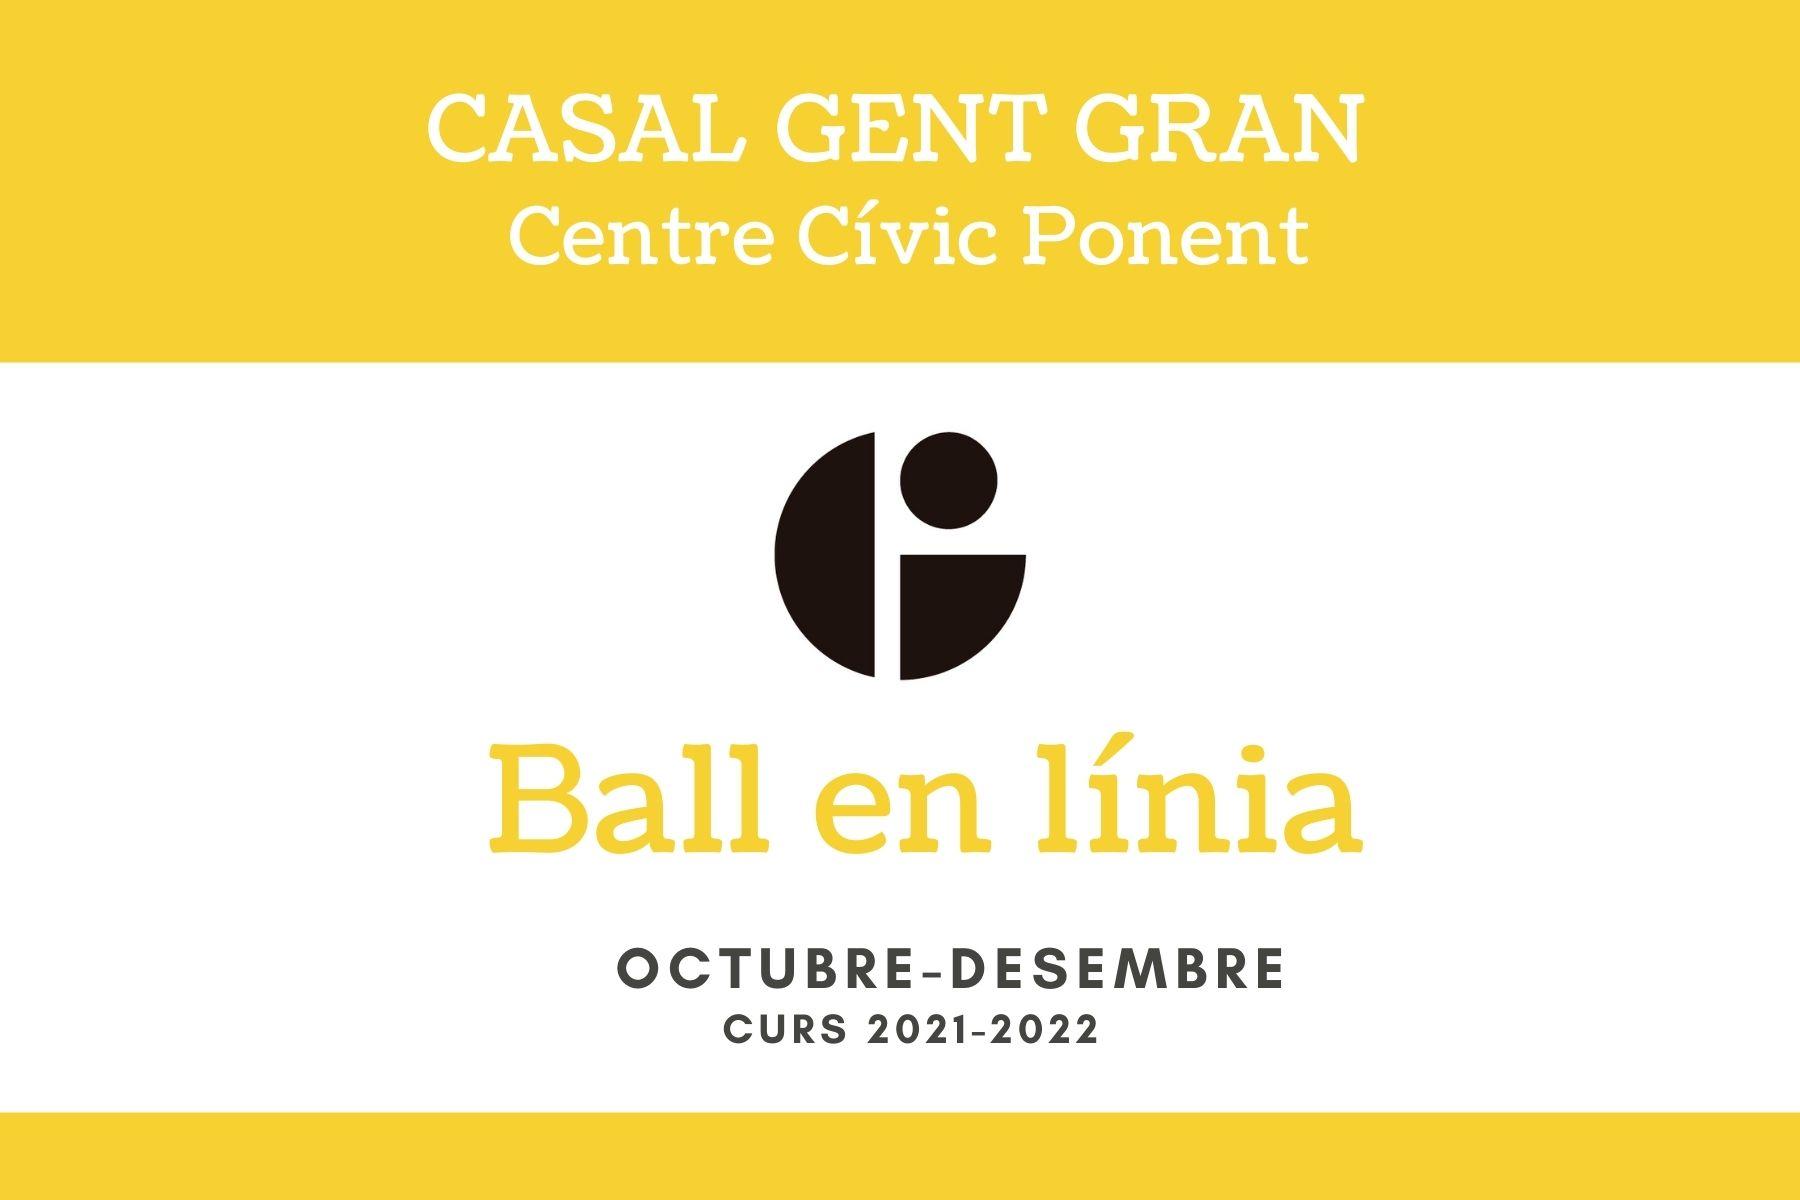 Ball en línia-Casal Gent Gran-C.C.Ponent